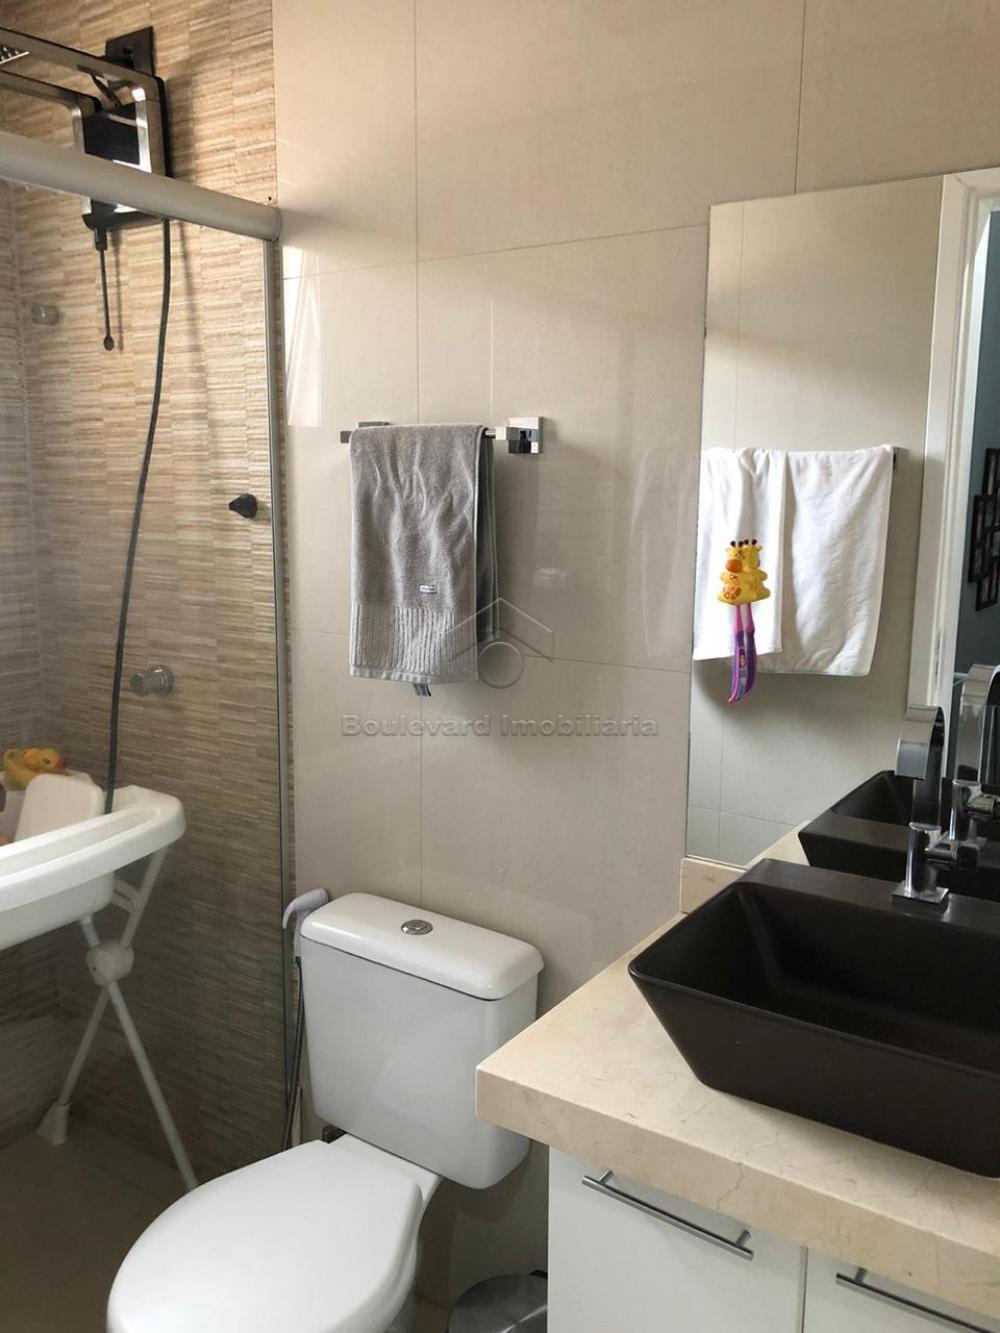 Comprar Casa / Condomínio em Ribeirão Preto apenas R$ 450.000,00 - Foto 9